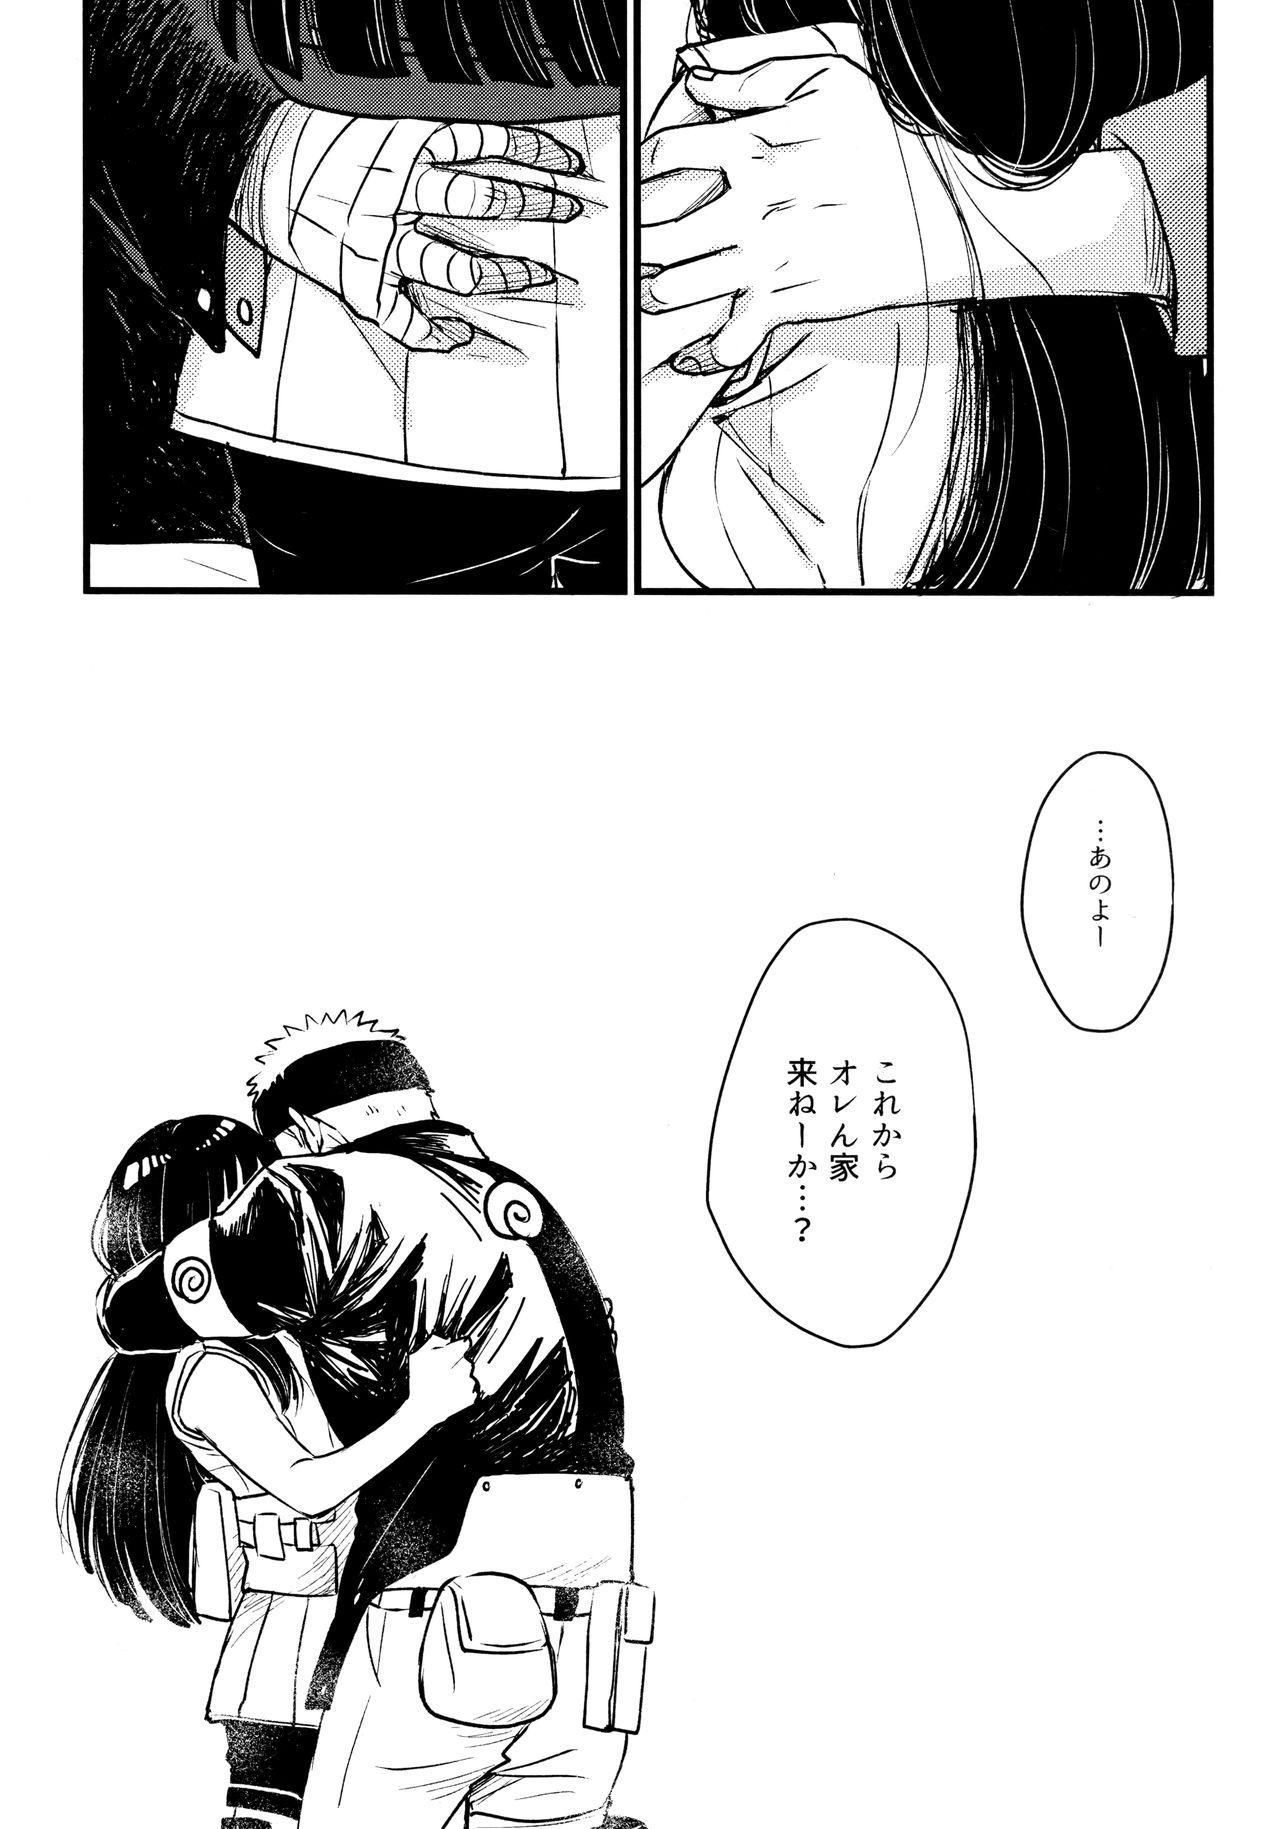 Koiwo Shiteiru Karada 1 + 2 28